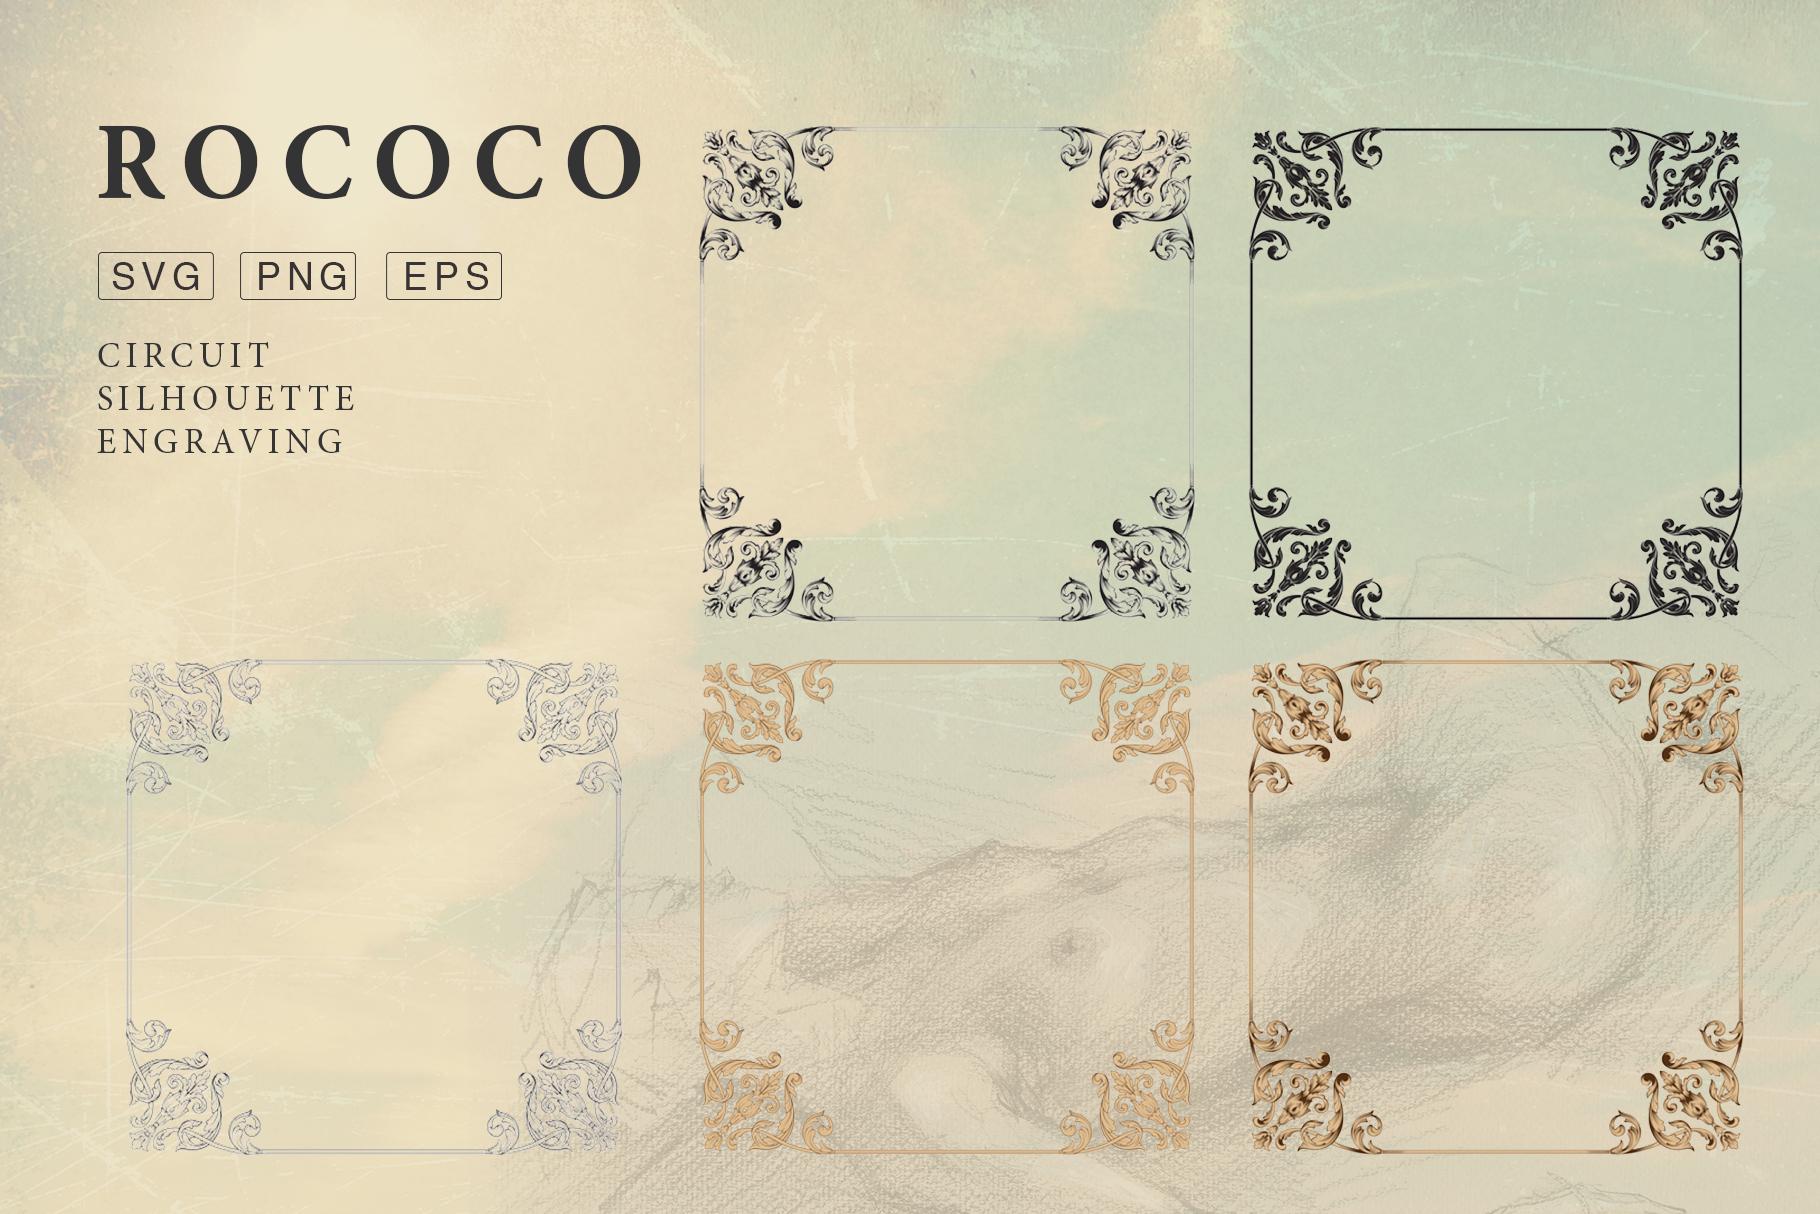 Rococo Romance Ornament page decor example image 9